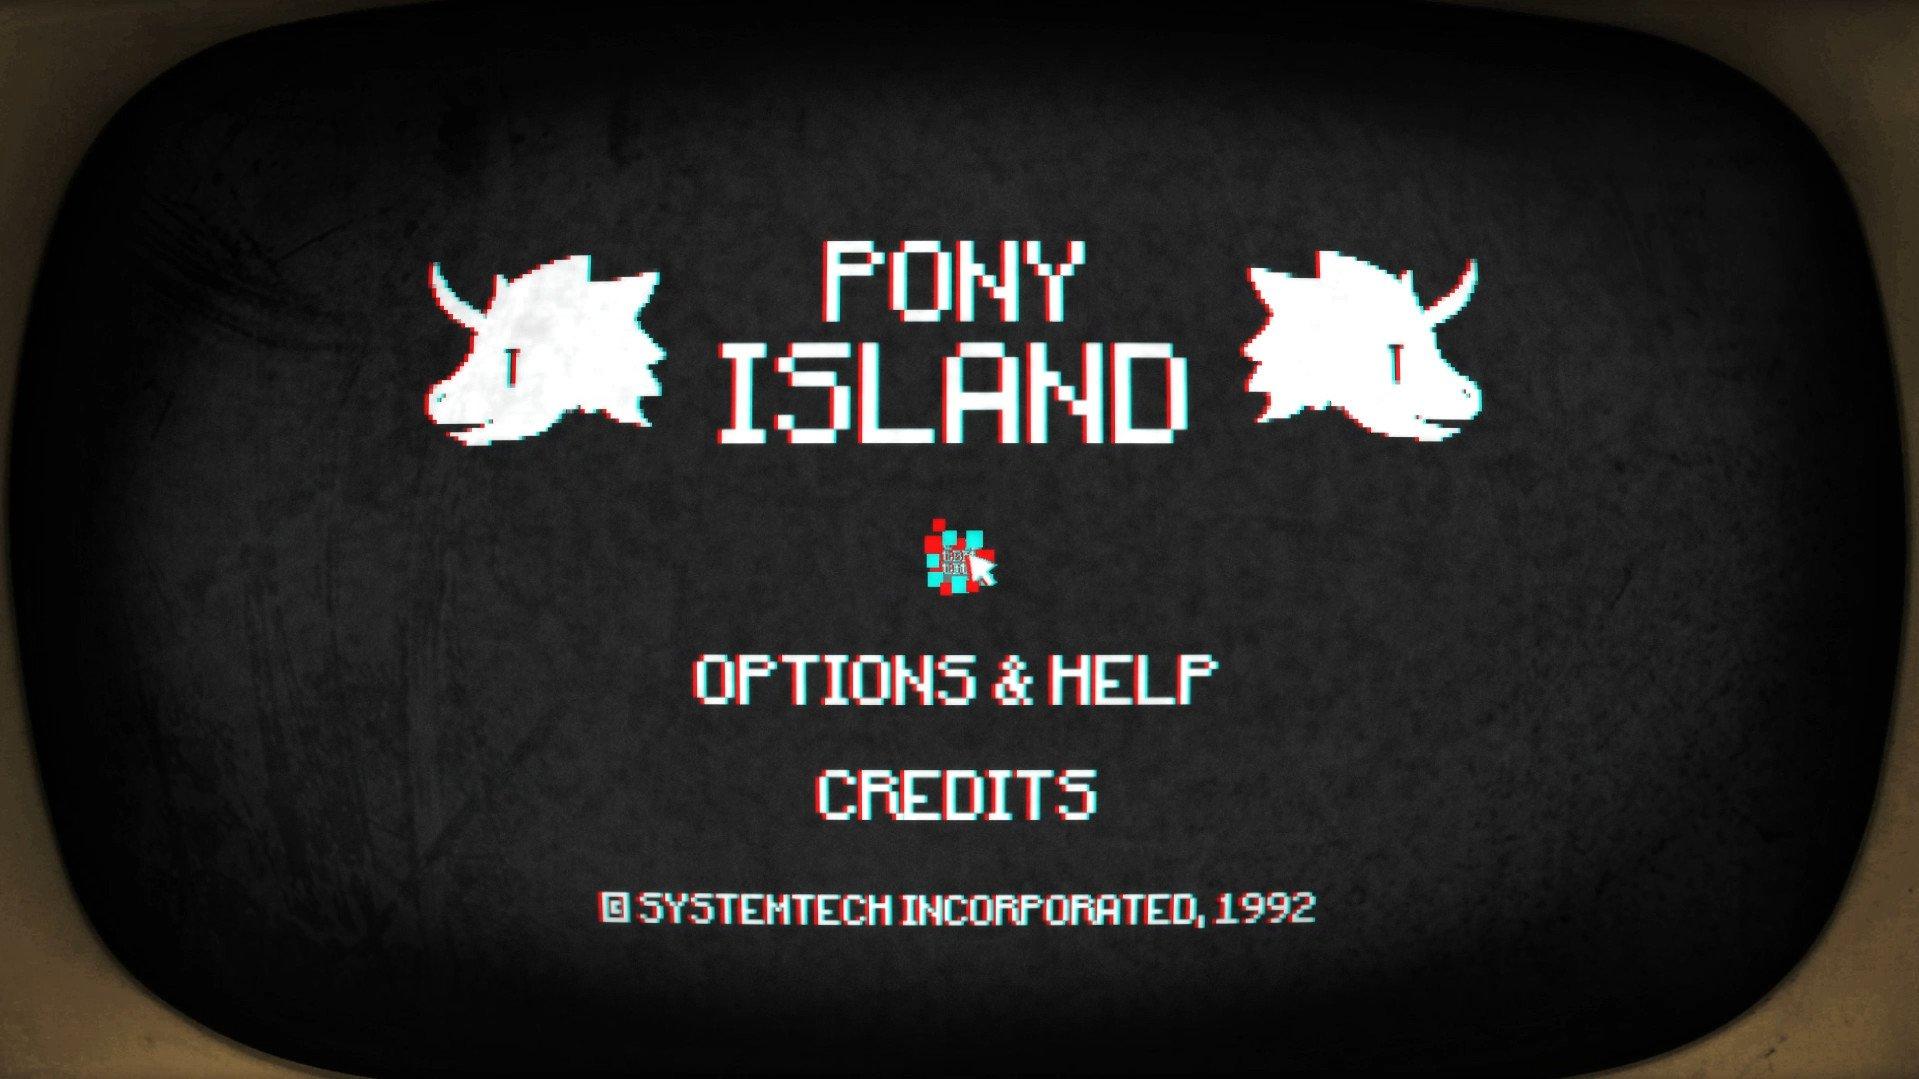 Pony Island 5